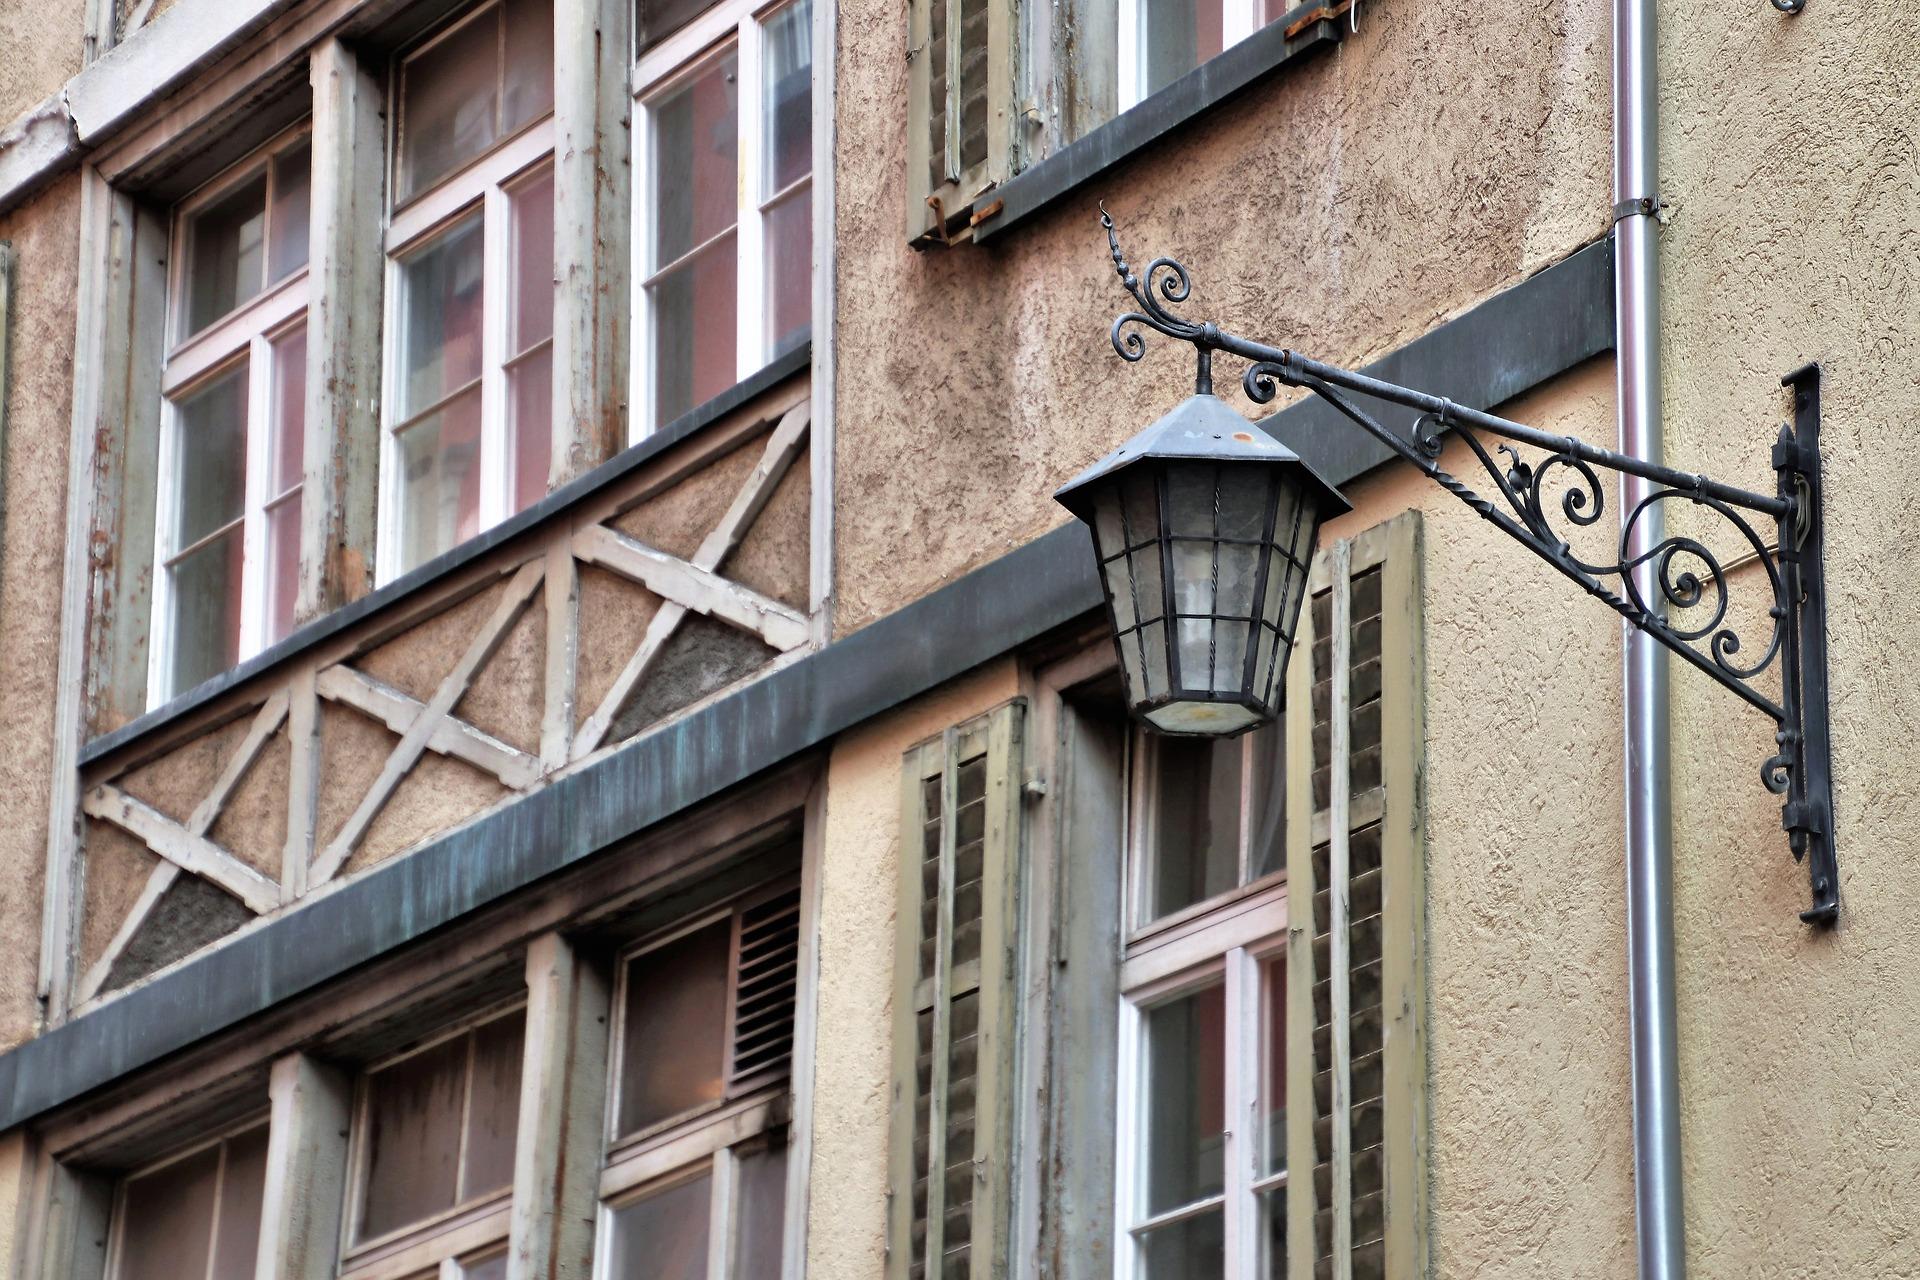 Altbausanierung Schkopau - Sanierung und Neubau in Halle und Umgebung